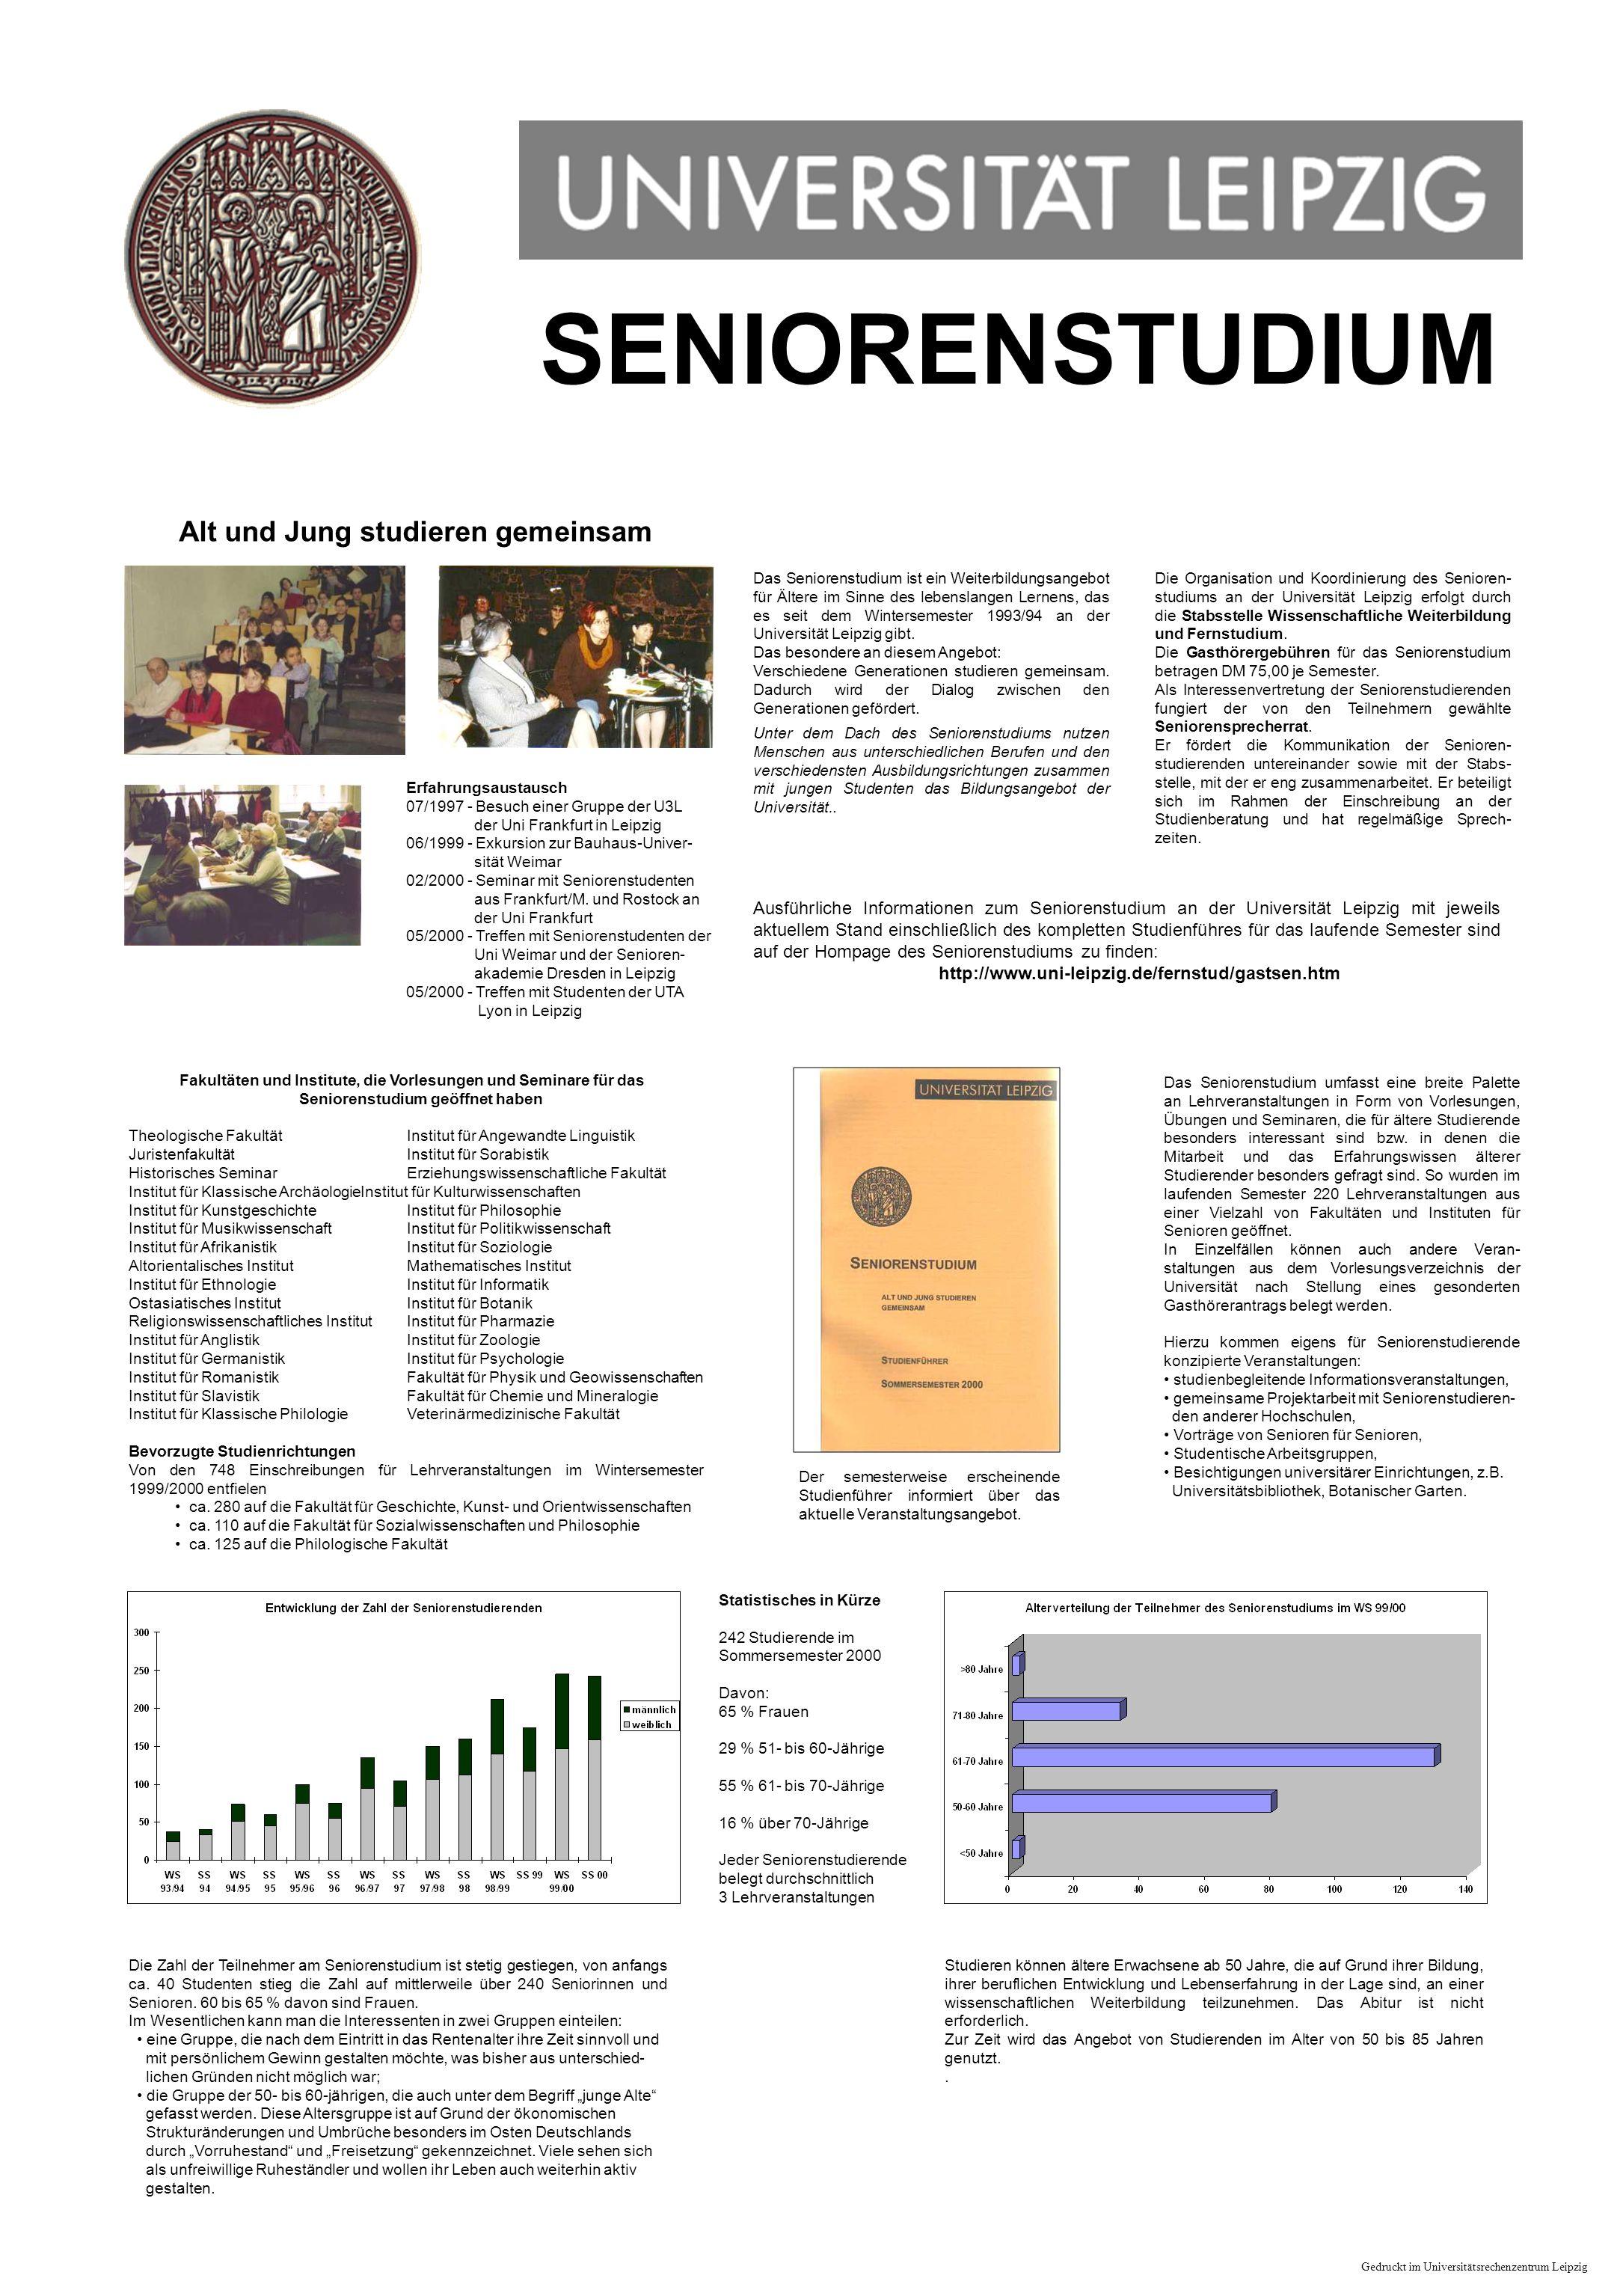 SENIORENSTUDIUM Alt und Jung studieren gemeinsam Das Seniorenstudium ist ein Weiterbildungsangebot für Ältere im Sinne des lebenslangen Lernens, das e